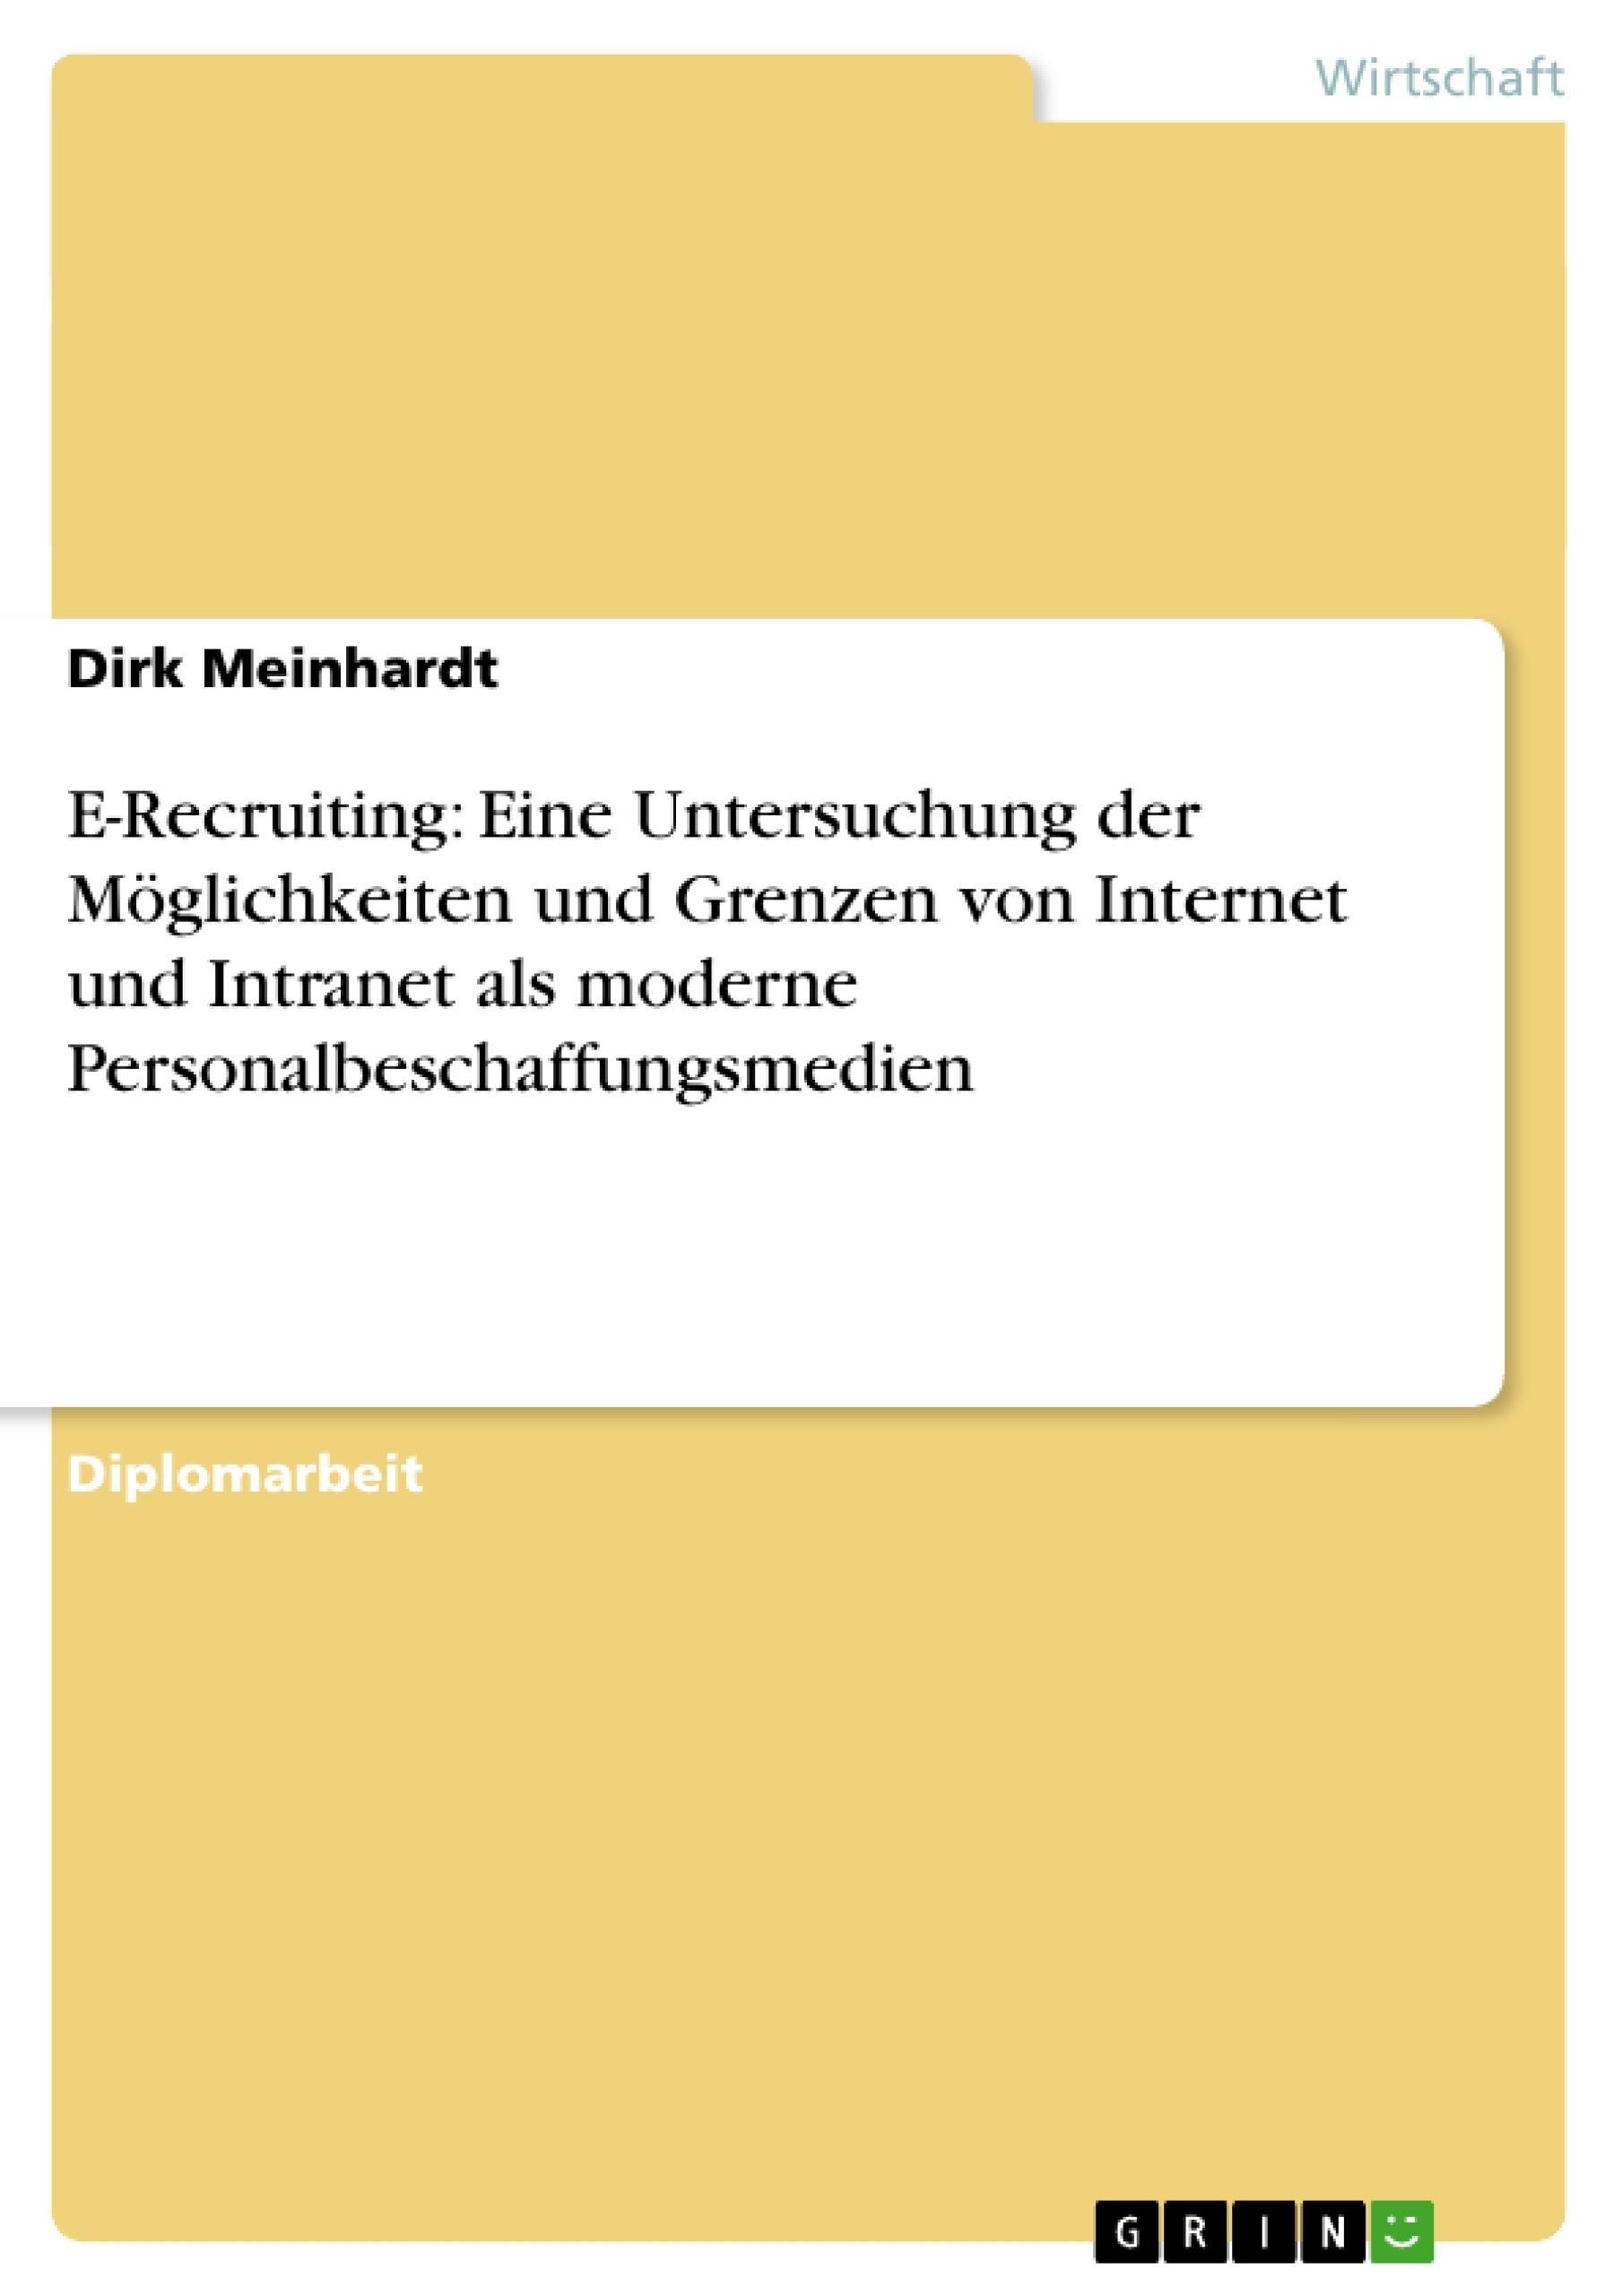 Titel: E-Recruiting: Eine Untersuchung der Möglichkeiten und Grenzen von Internet und Intranet als moderne Personalbeschaffungsmedien